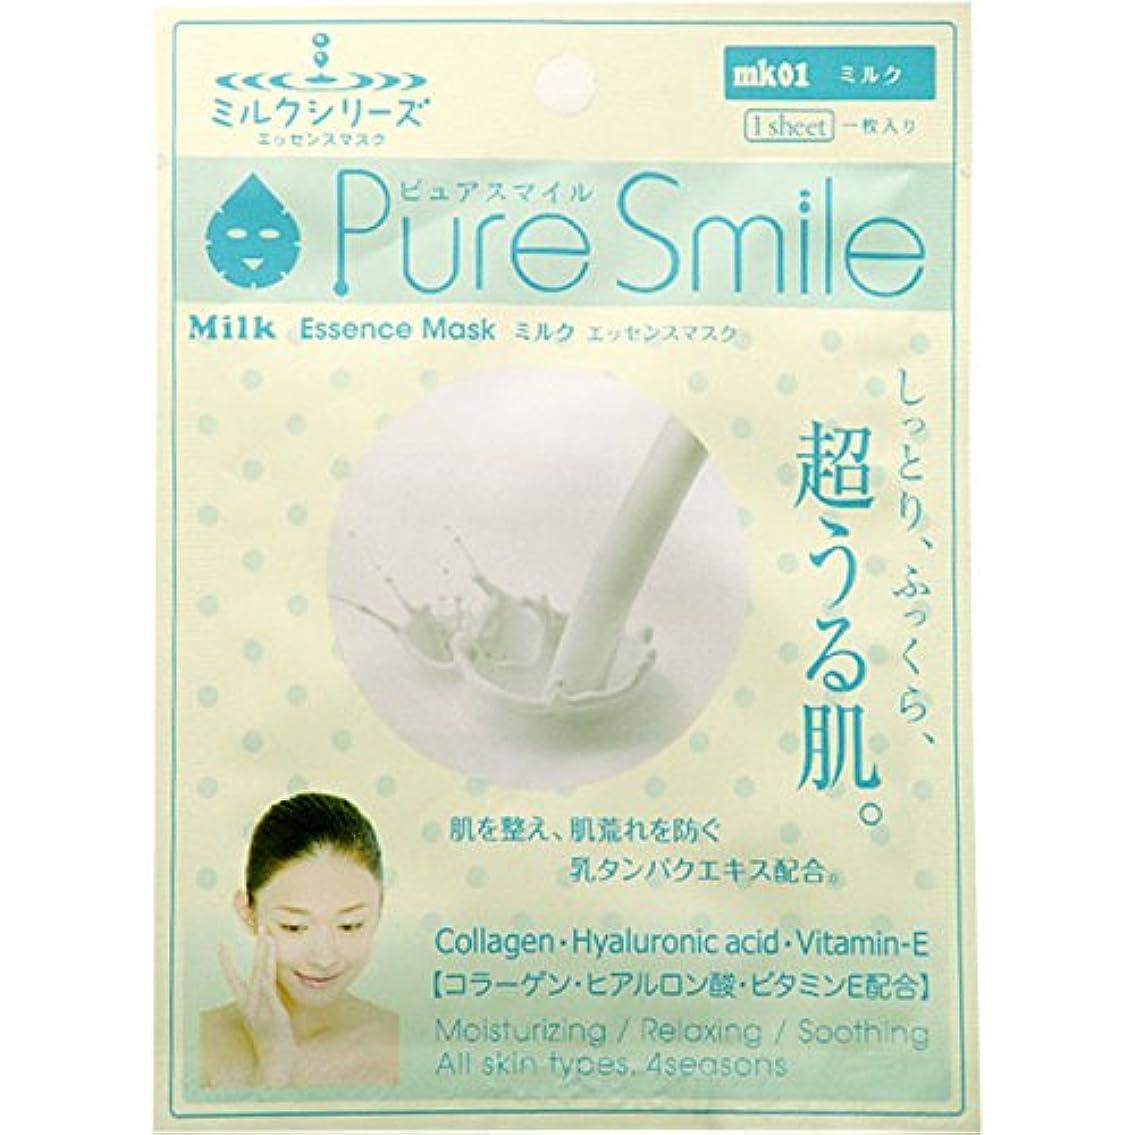 心配するアカウント創始者ピュア スマイル (Pure Smile) ミルクエッセンスマスク ミルク